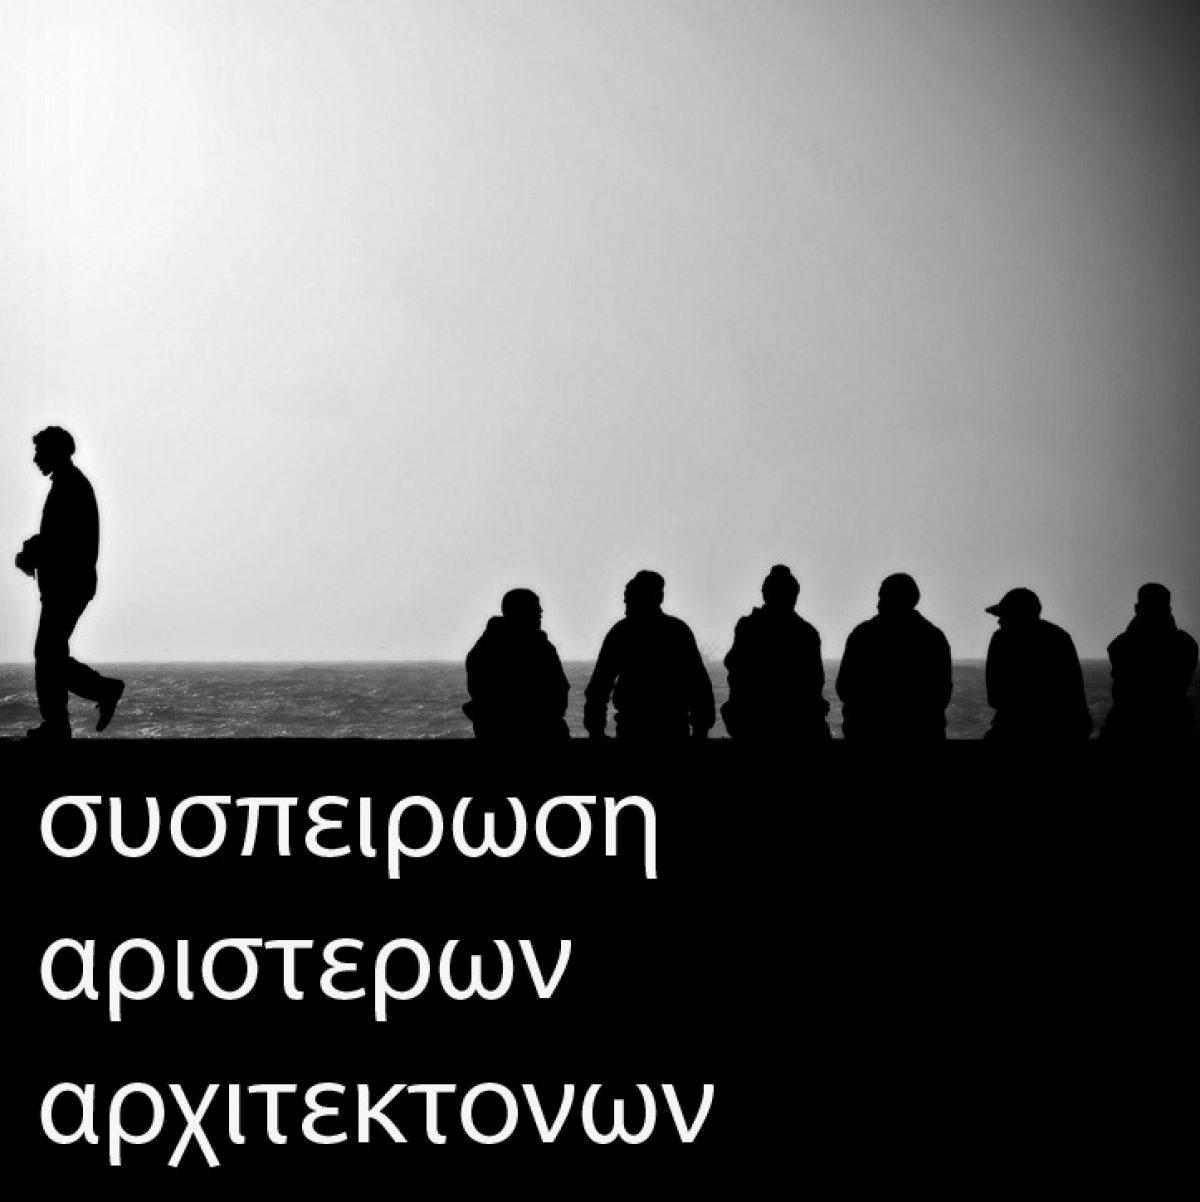 Η Προεκλογική Διακήρυξη της συσπείρωσης αριστερών αρχιτεκτόνων – Εκλογές ΣΑΔΑΣ-ΠΕΑ 14.12.14